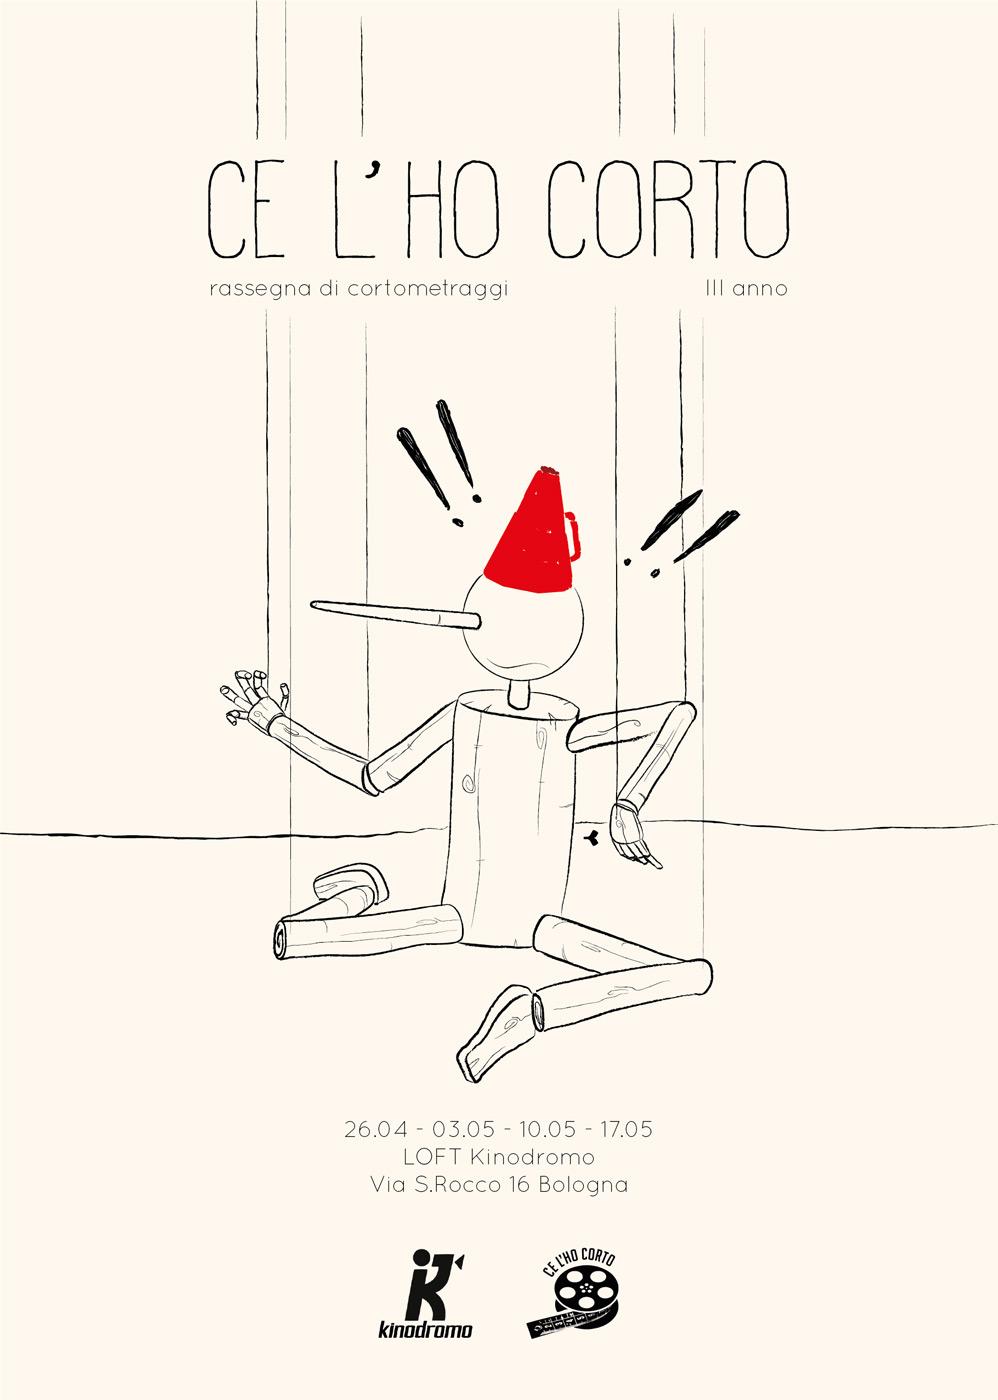 CE-L'HO-CORTO_illustration_A5-fronte